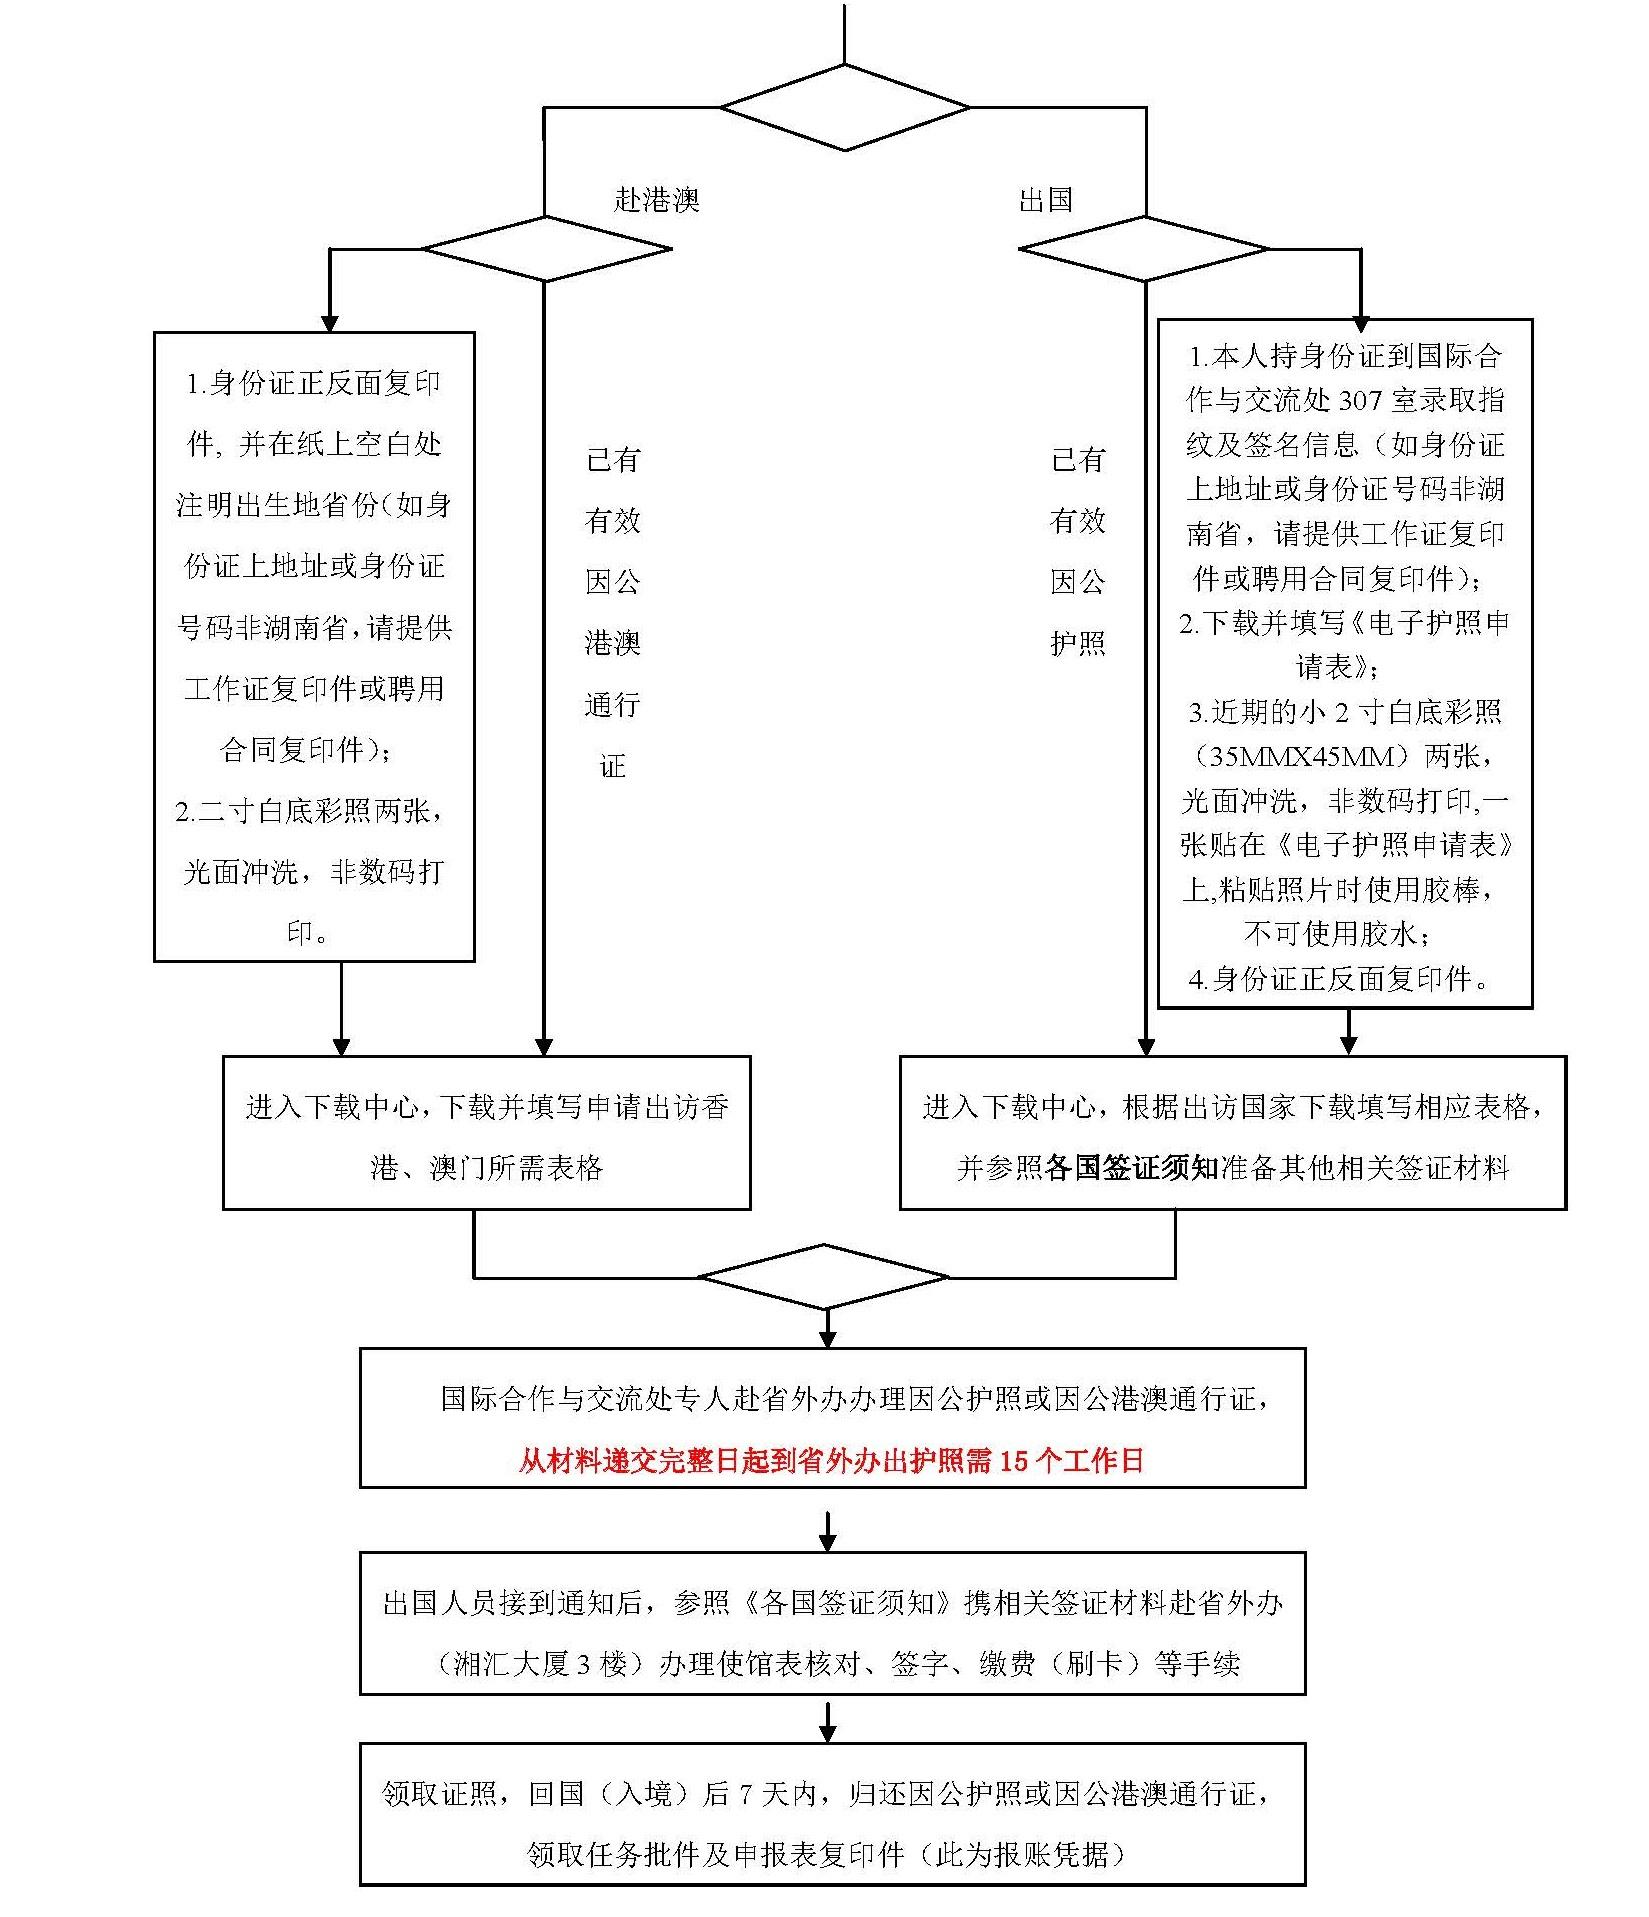 因公出国人员备案表_中南大学申请出国(出境)办理流程及所需填表(部分)-中南 ...